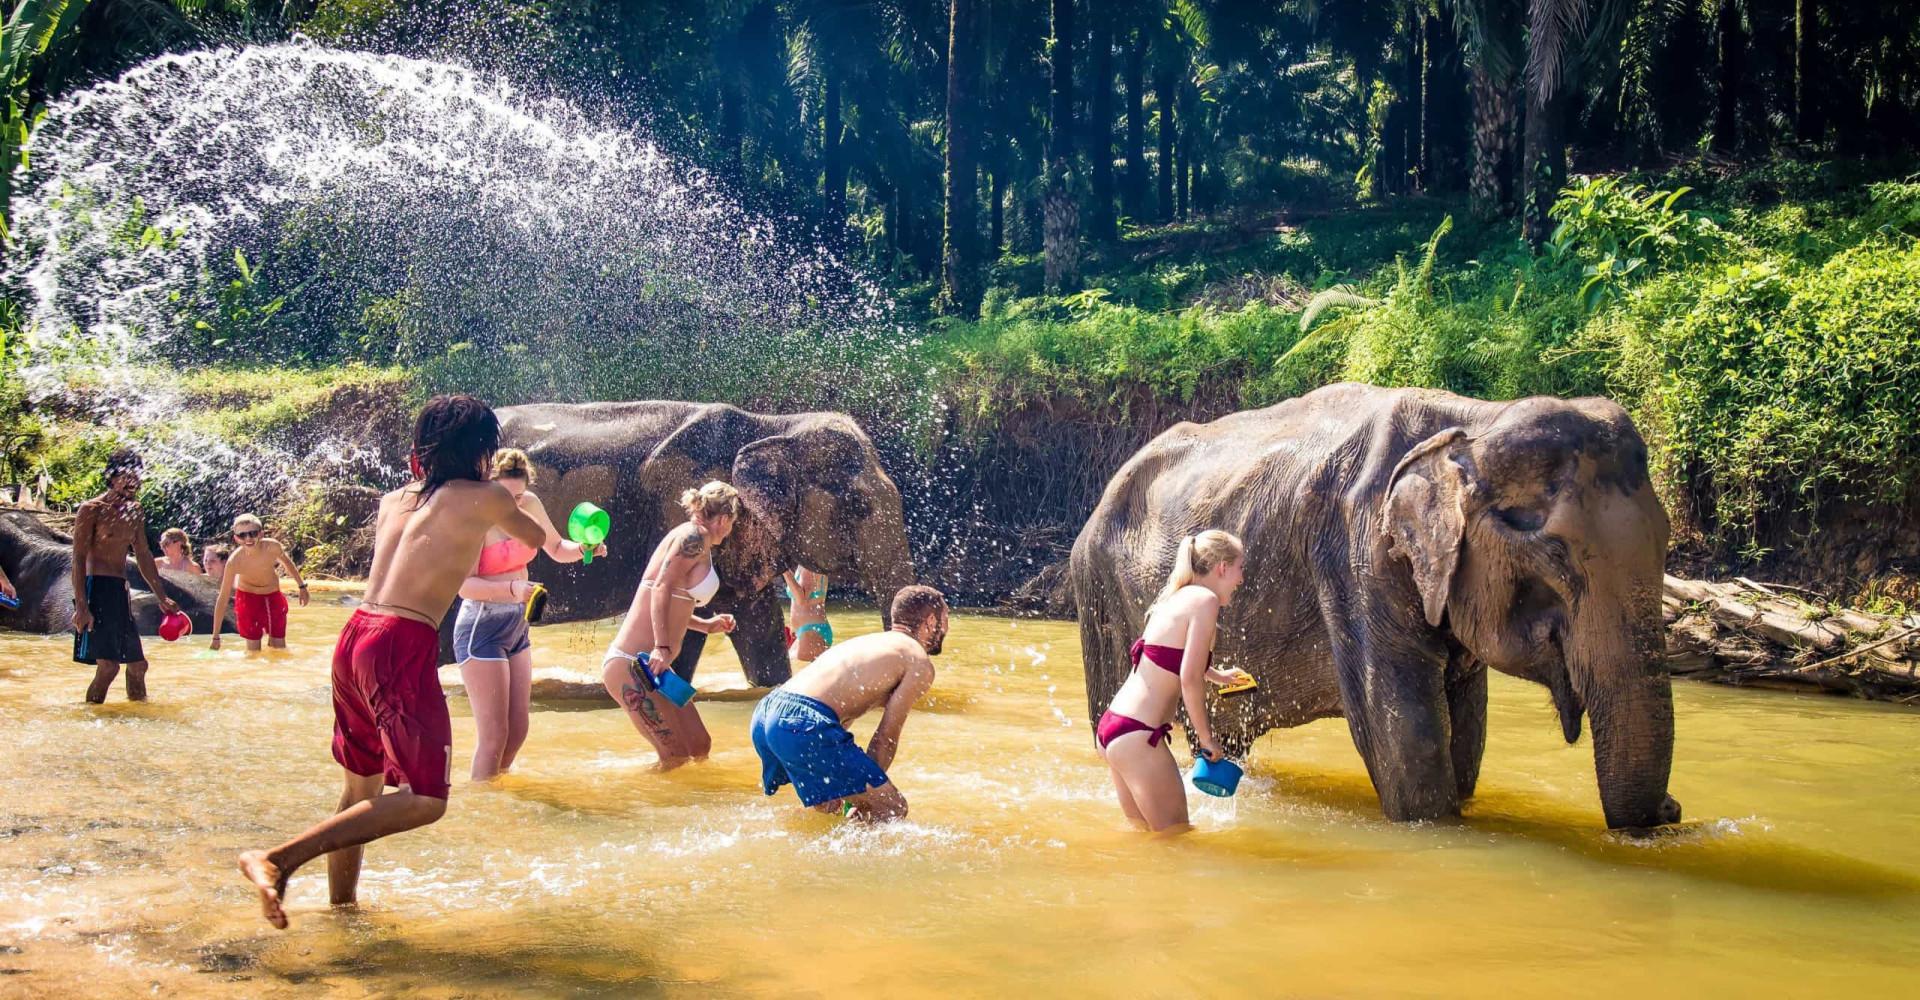 Vastuullinen turismi: näin matkustat eettisemmin